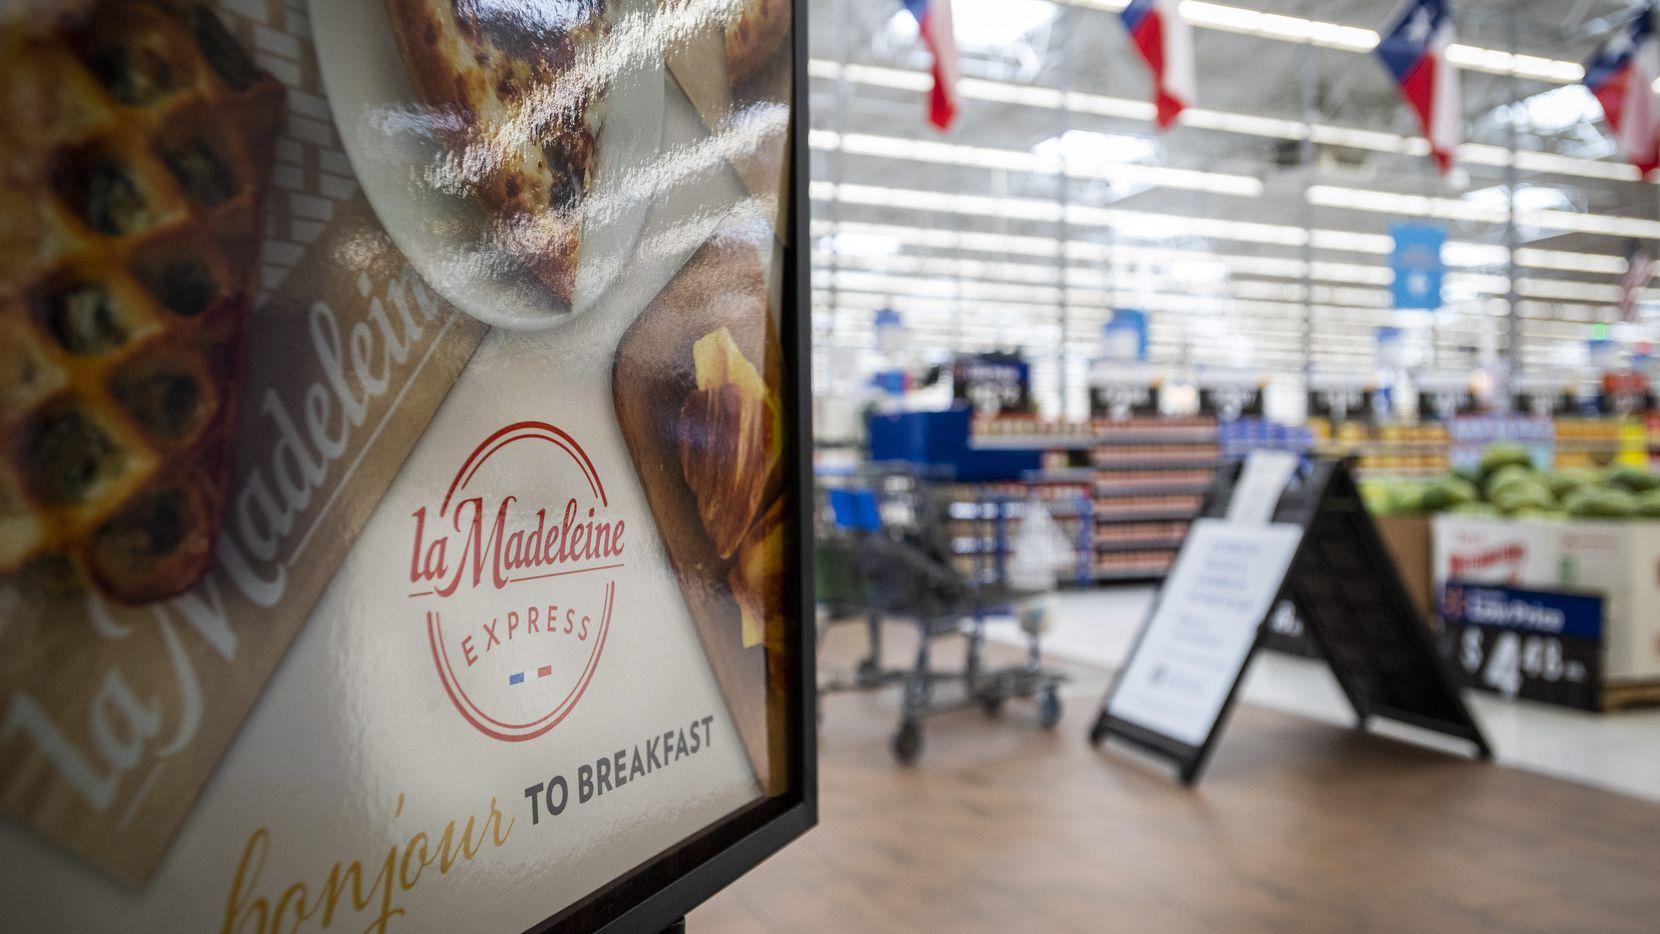 Locales de La Madeleine Express aparecerán en Walmart desde octubre.